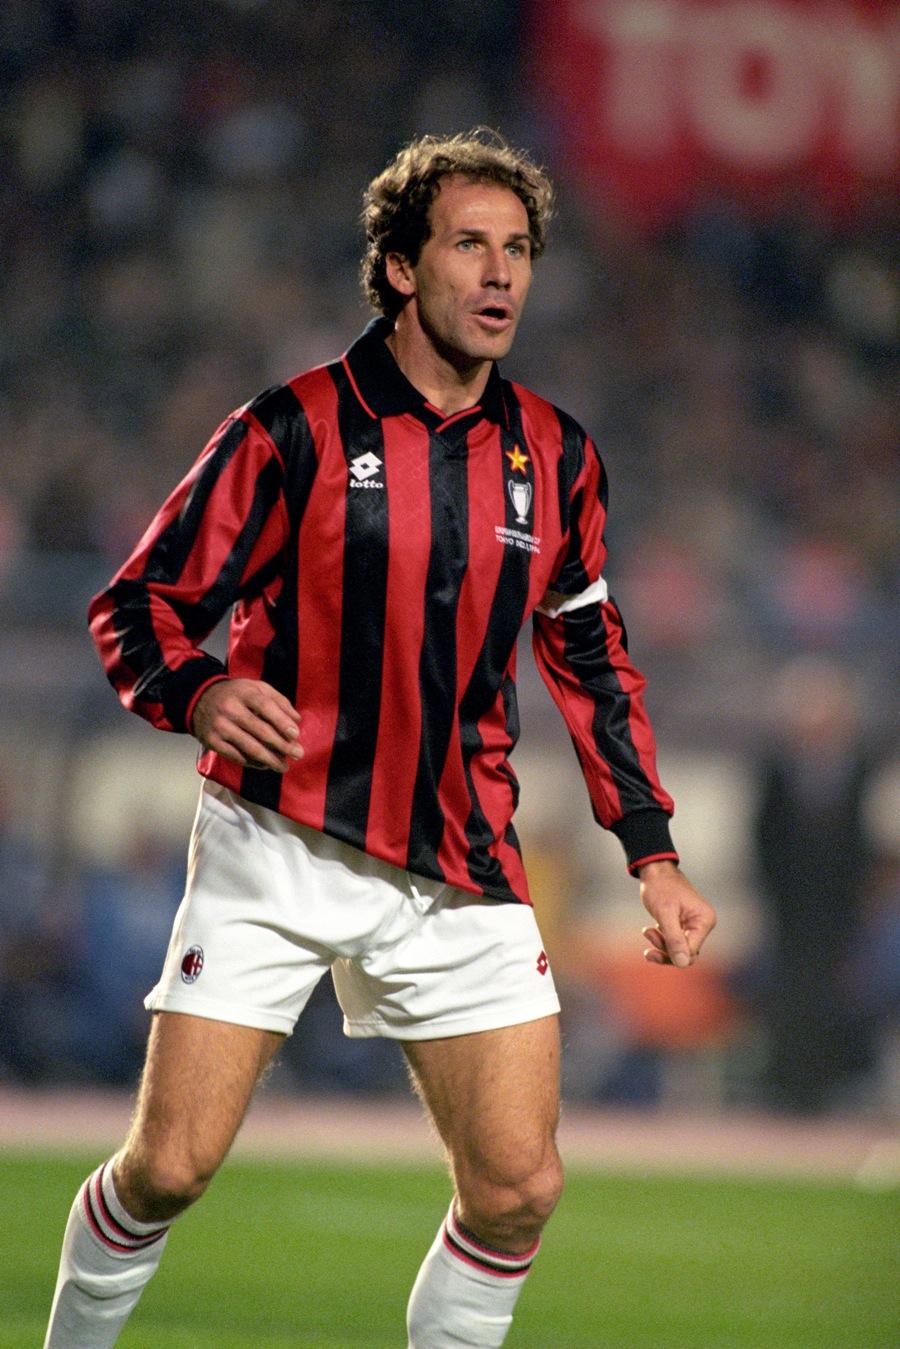 فرانکو بارسی - حضور در میلان: 1997-1977 (719 بازی) - Franco Baresi